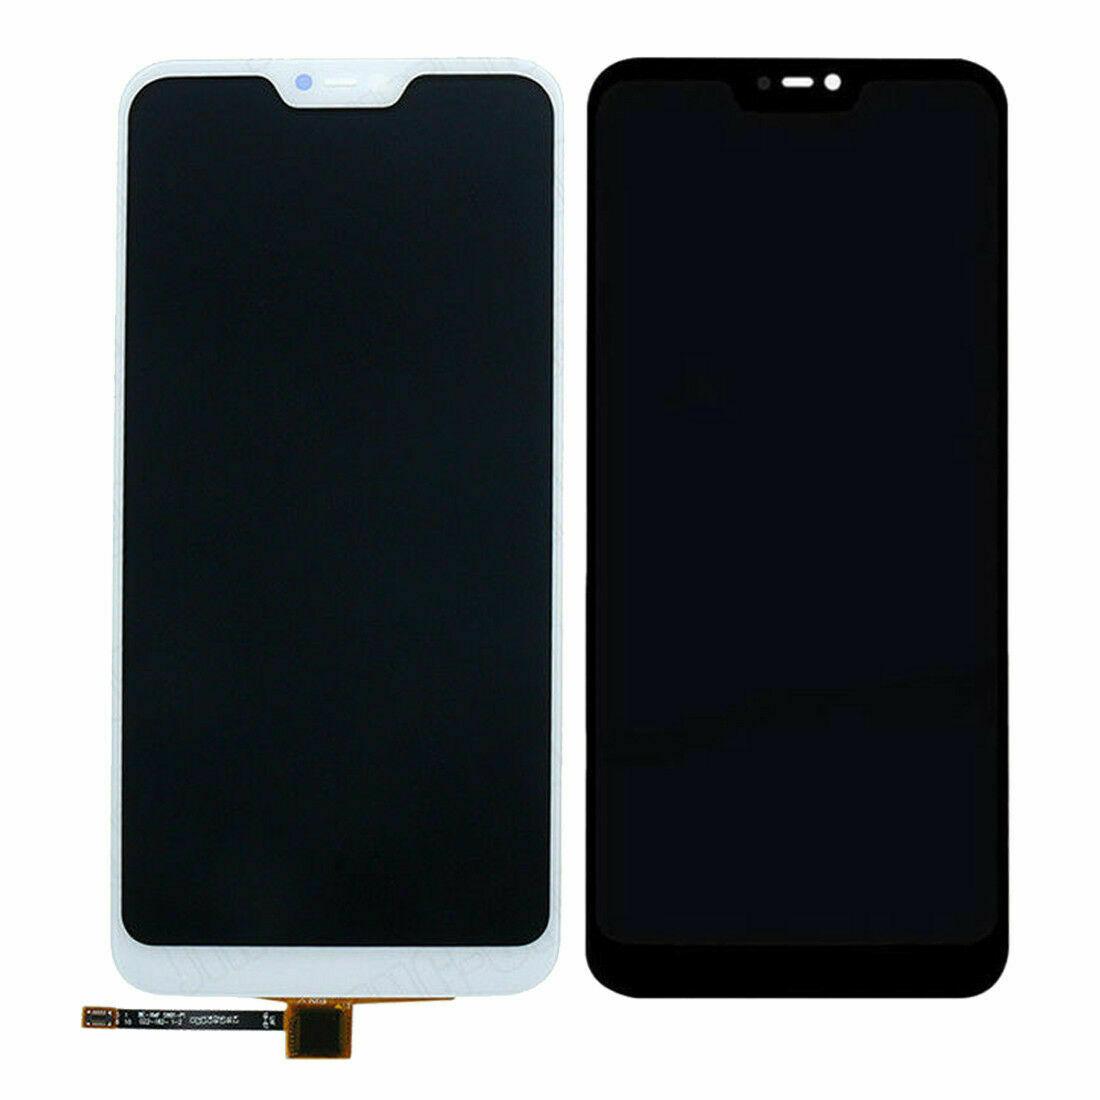 تصویر ال سی دی شیائومی ردمی 6پرو سفید LCD REDMI 6 PRO (A2 LITE)WHITE XIAOMI